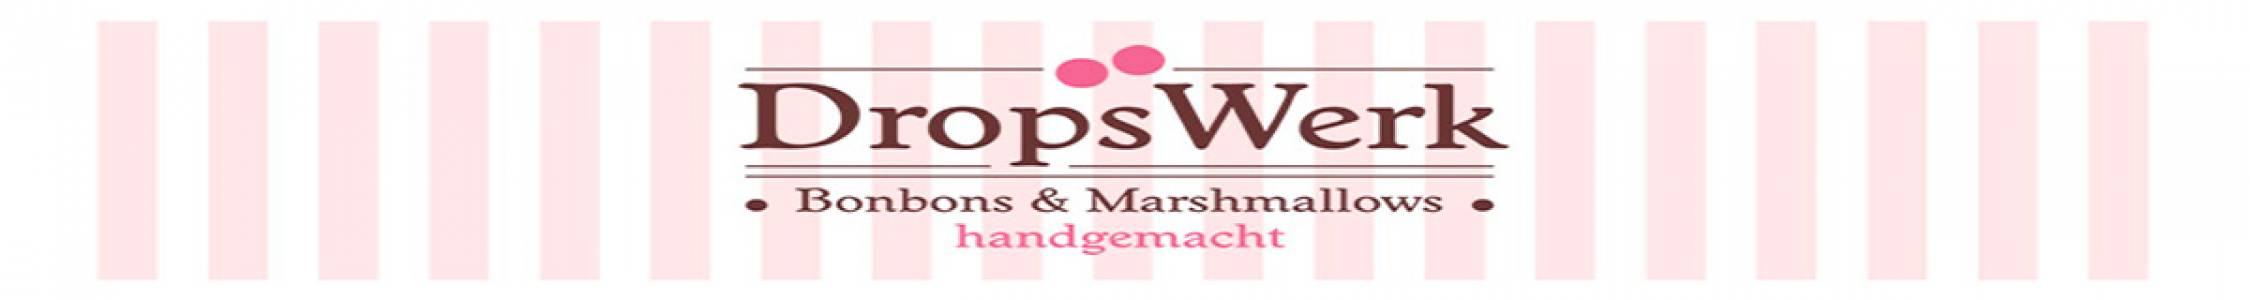 DropsWerk auf kasuwa.de